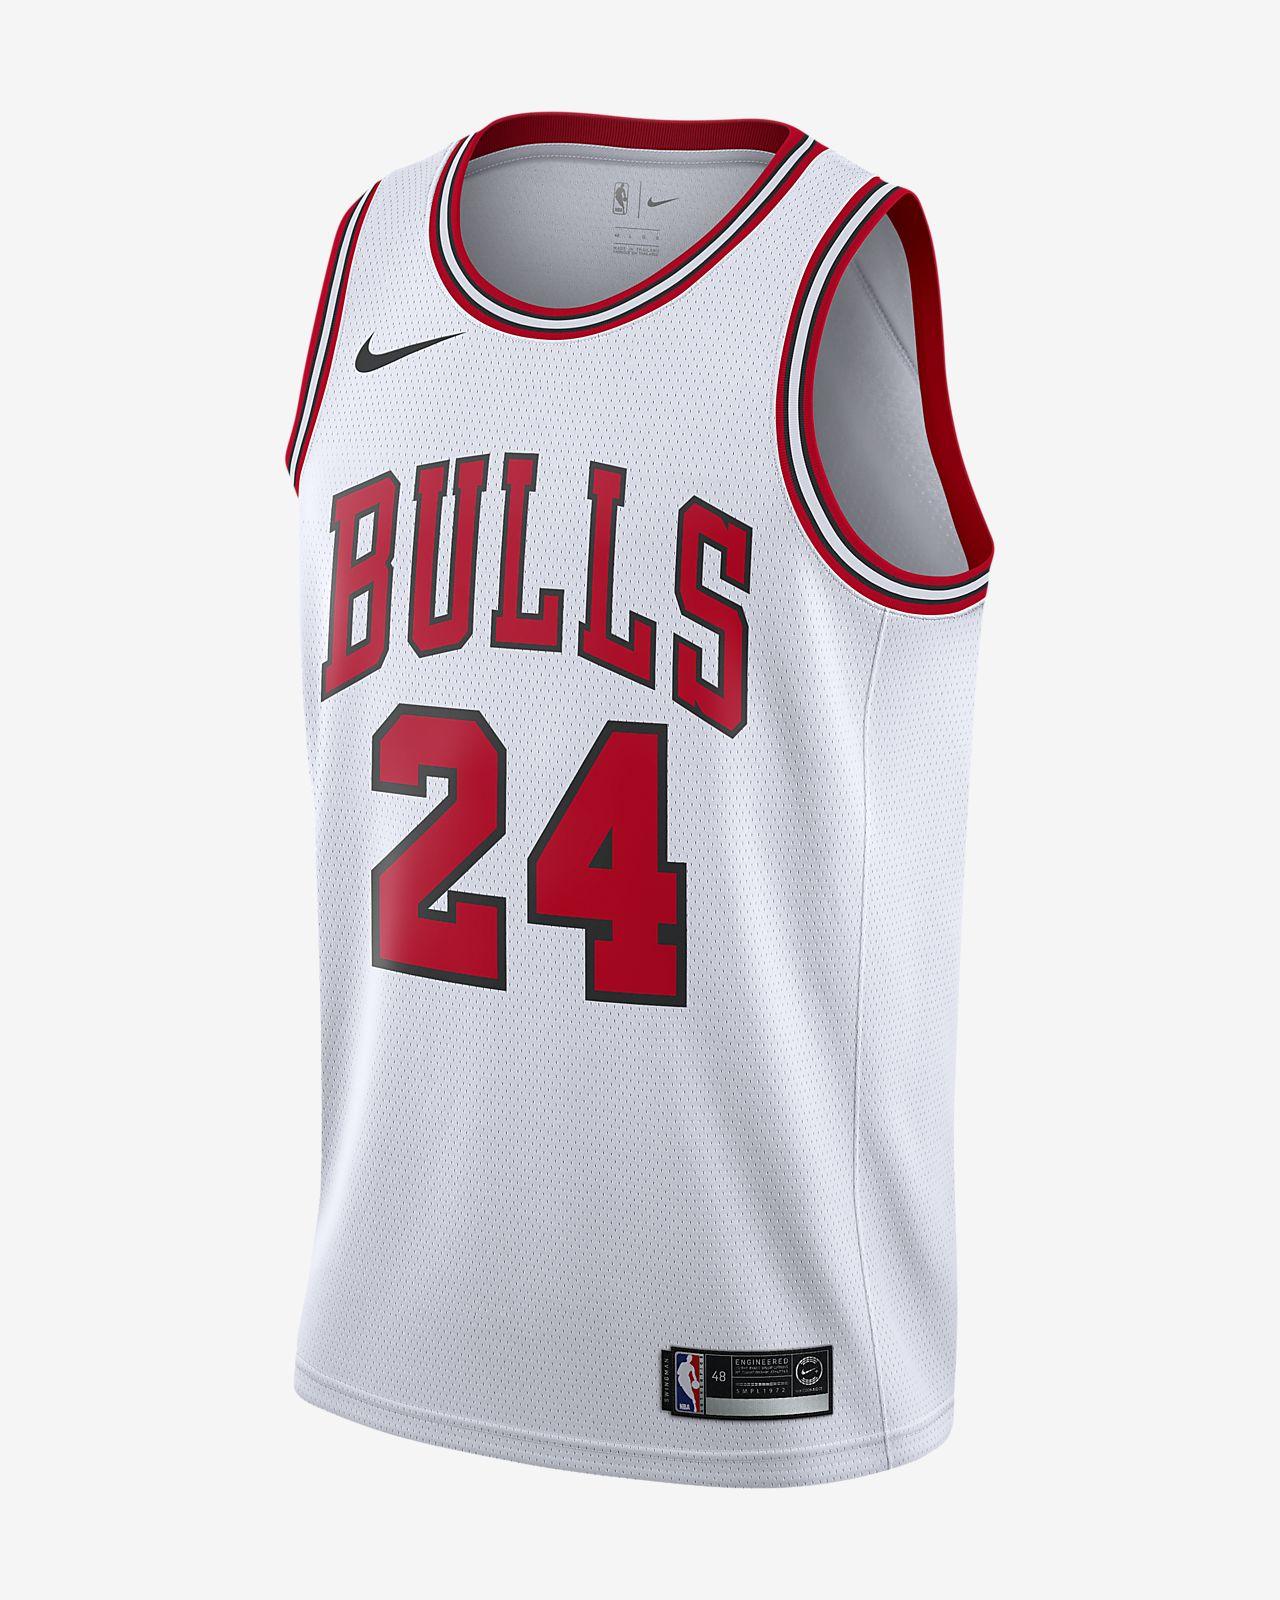 7fe2846ada ... Camisola com ligação à NBA da Nike Lauri Markkanen Association Edition  Swingman (Chicago Bulls)